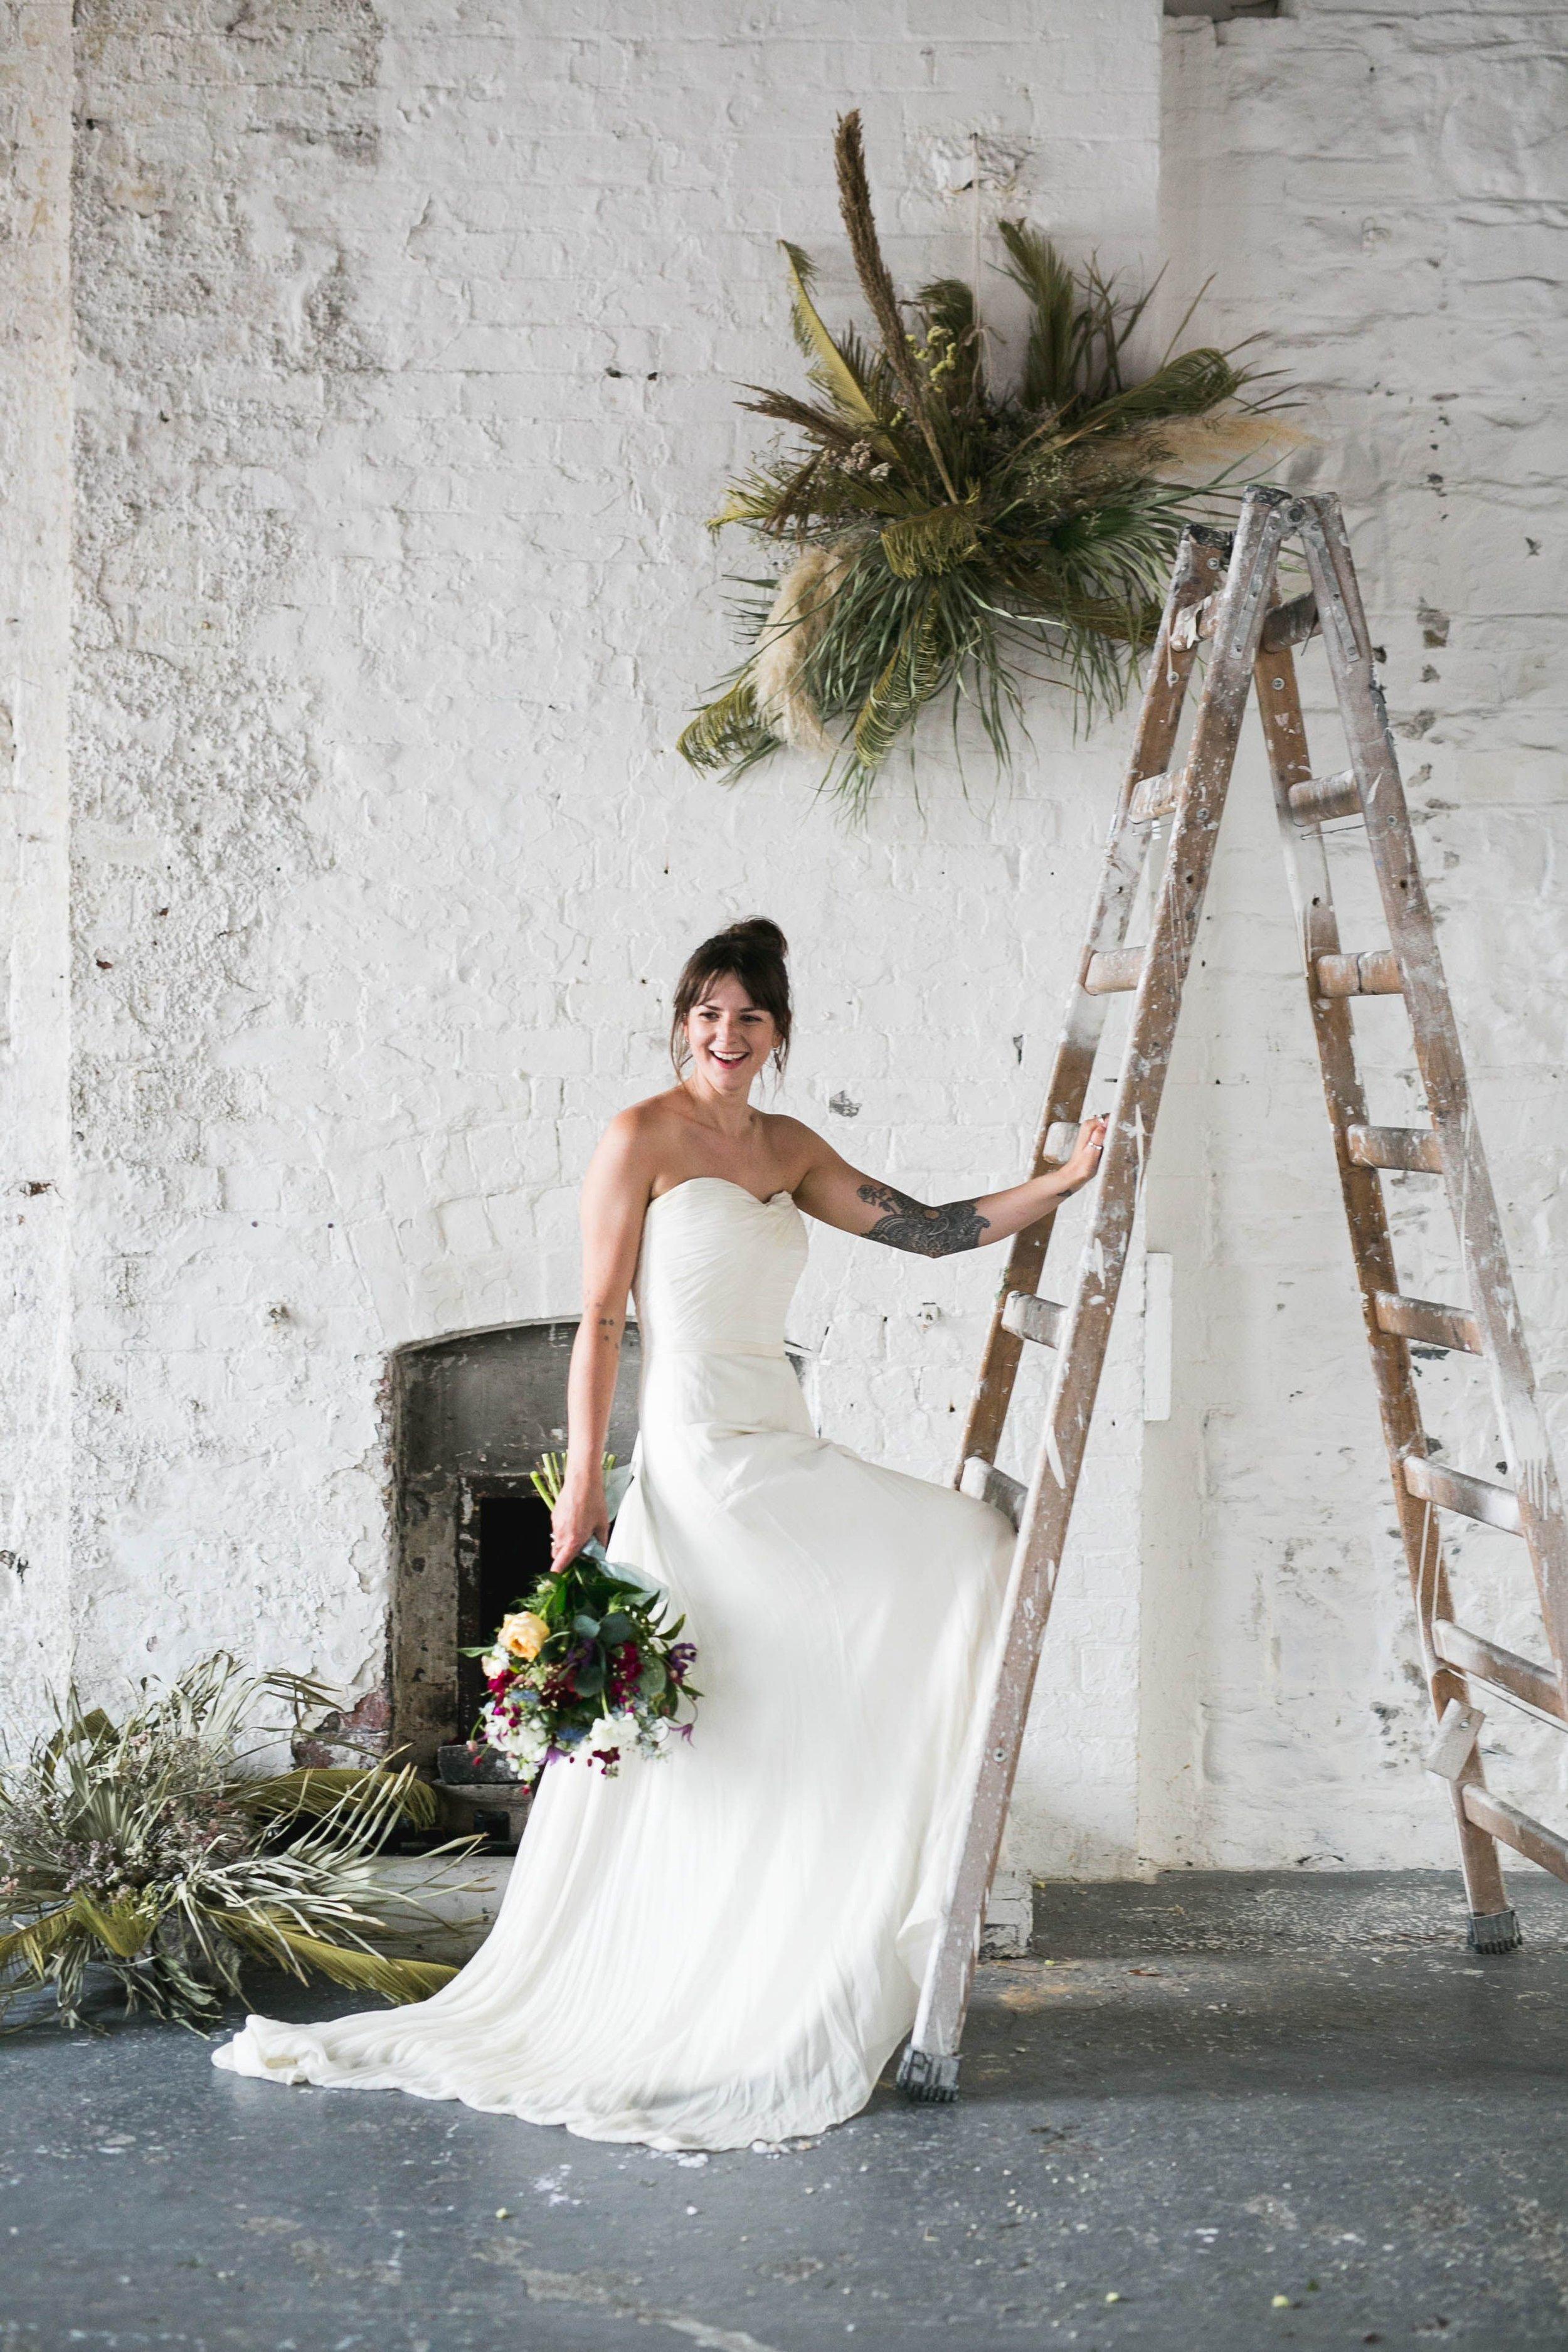 weddings-by-the-crate.jpg